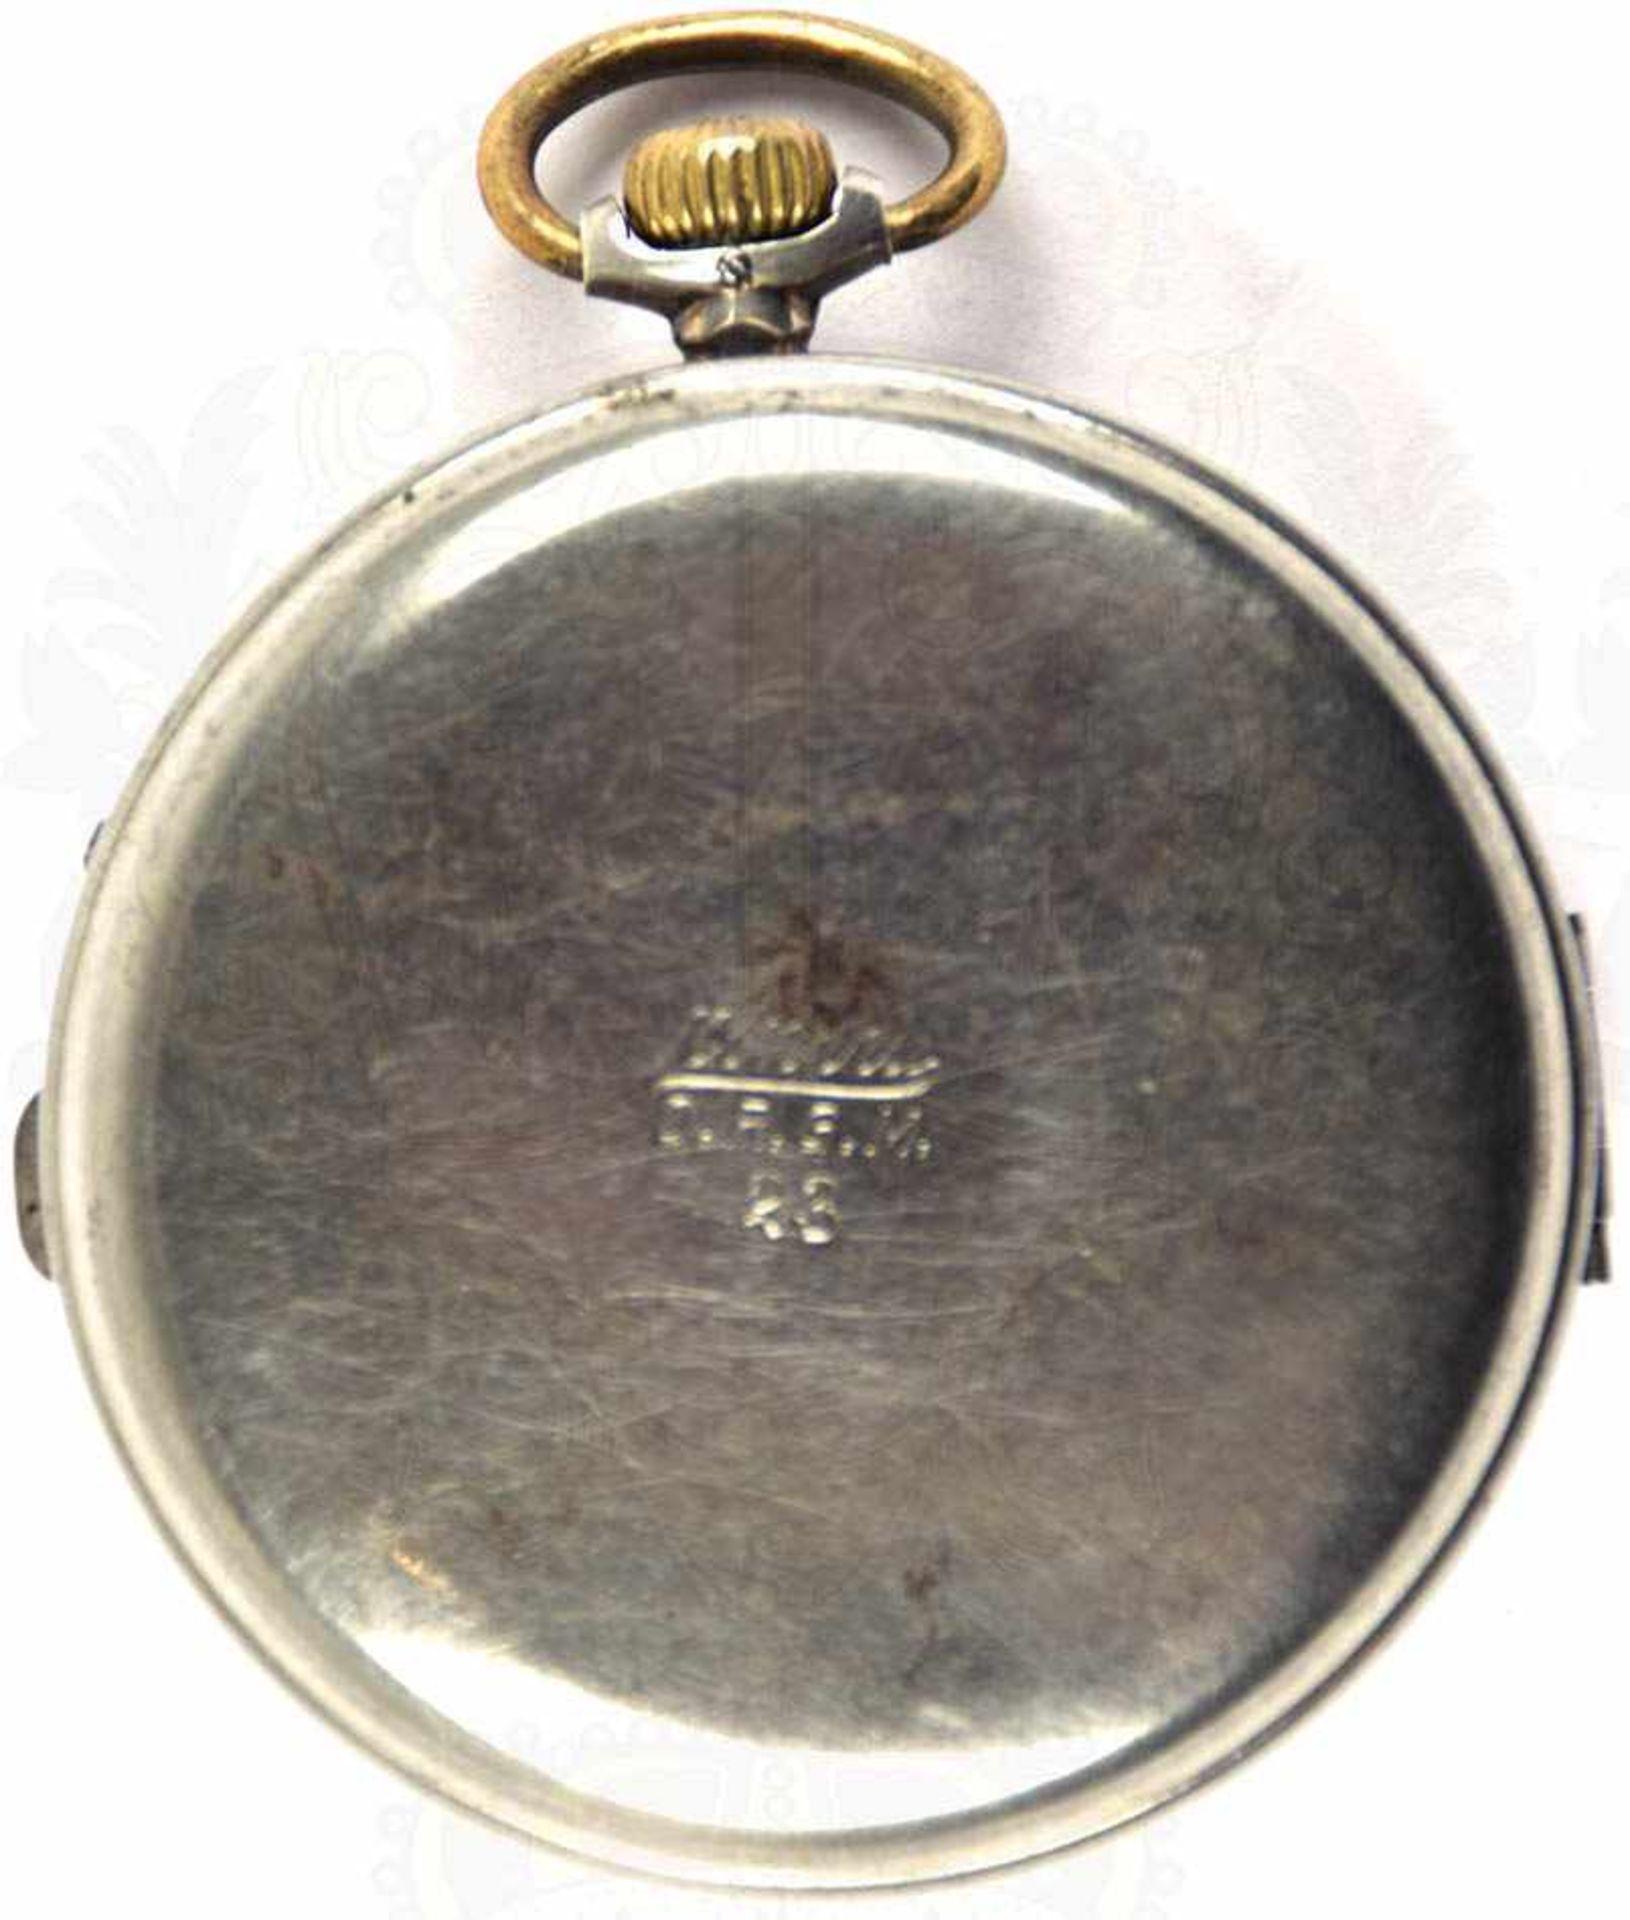 """HERREN-TASCHENUHR, Marke """"Longines"""", um 1900, Punze """"800"""", Kronenaufzug, Tragering u. Zeiger - Bild 2 aus 5"""